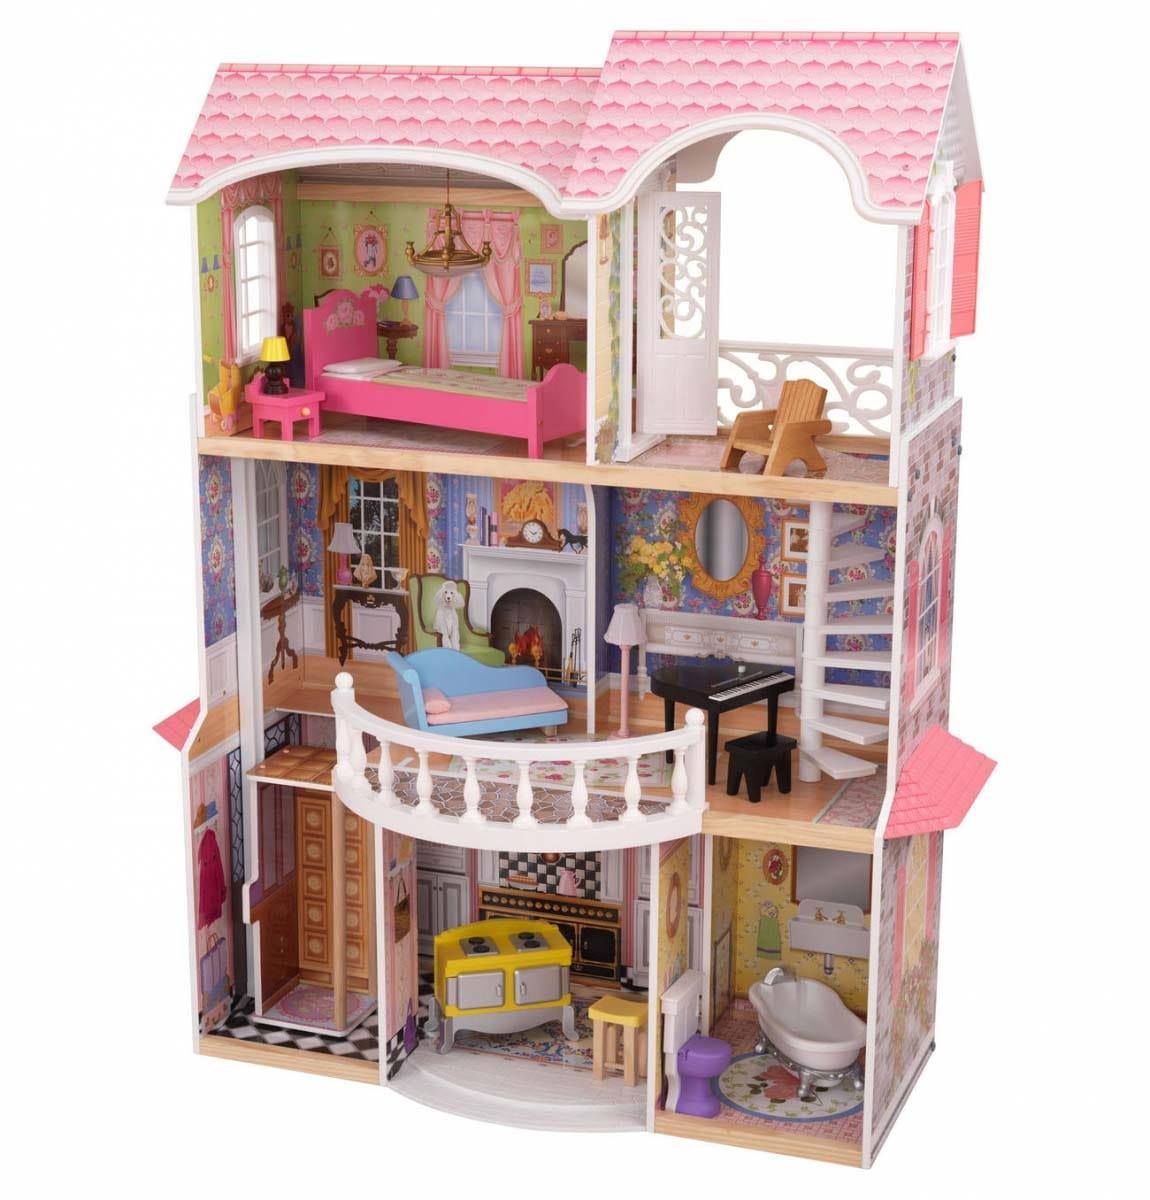 Кукольный домик с мебелью KidKraft Магнолия (в подарочной упаковке)